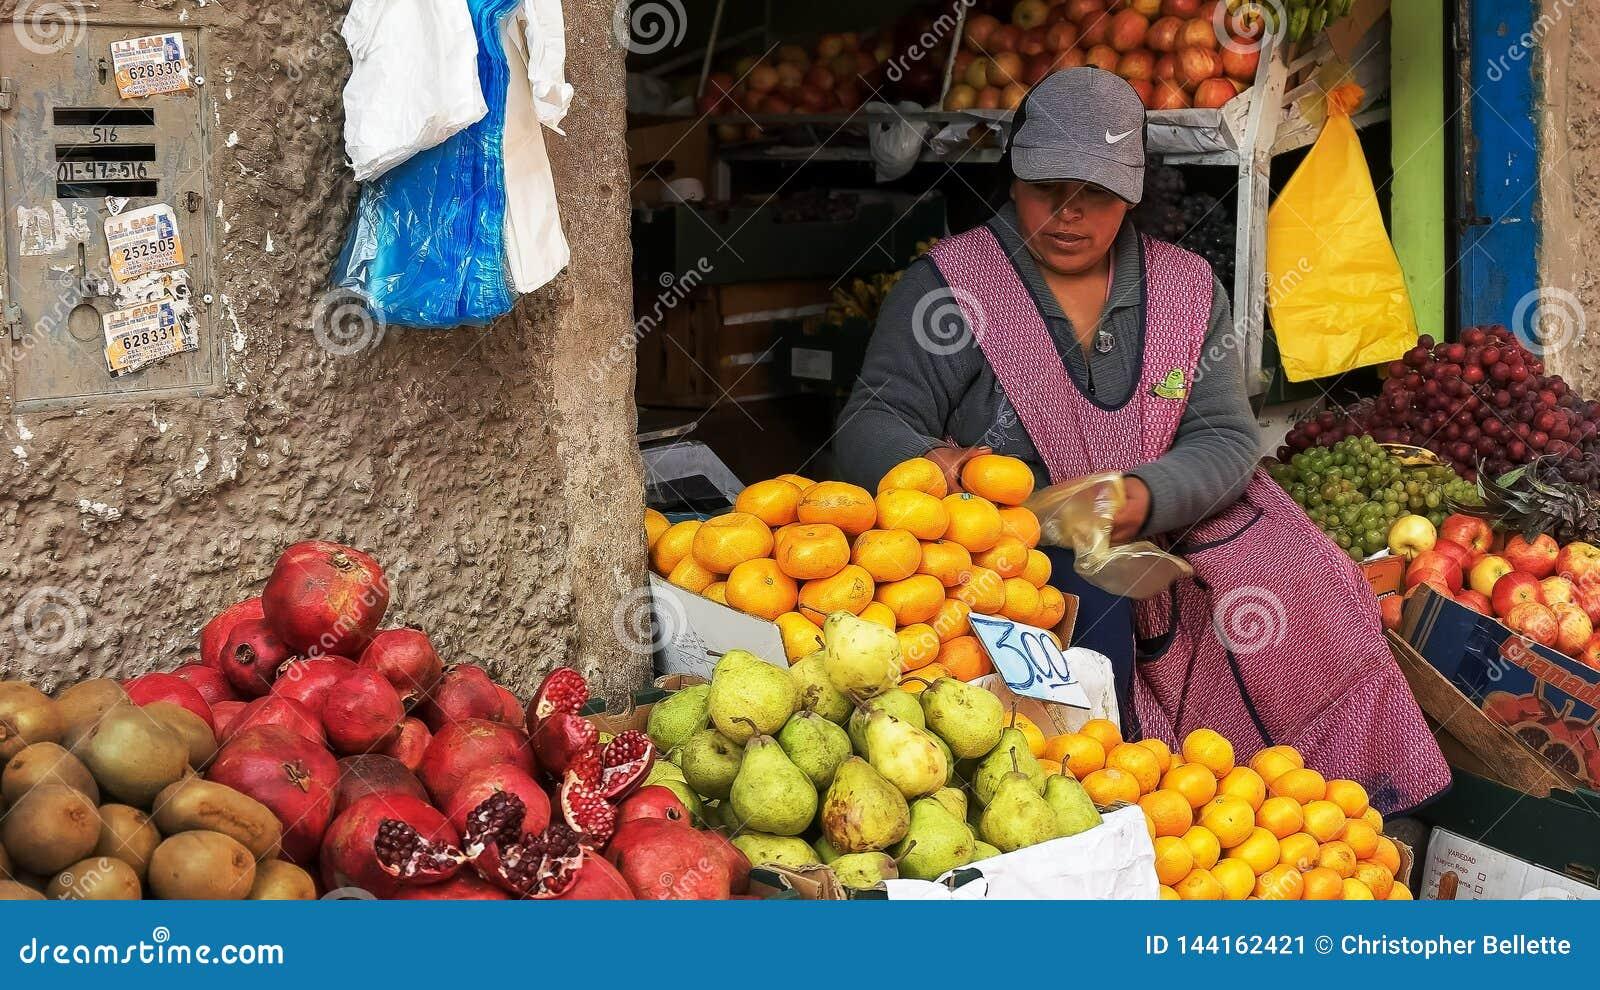 CUSCO, PERU 20. JUNI 2016: eine Frau sackt frische Mandarinen an einem Markt im cuzco ein